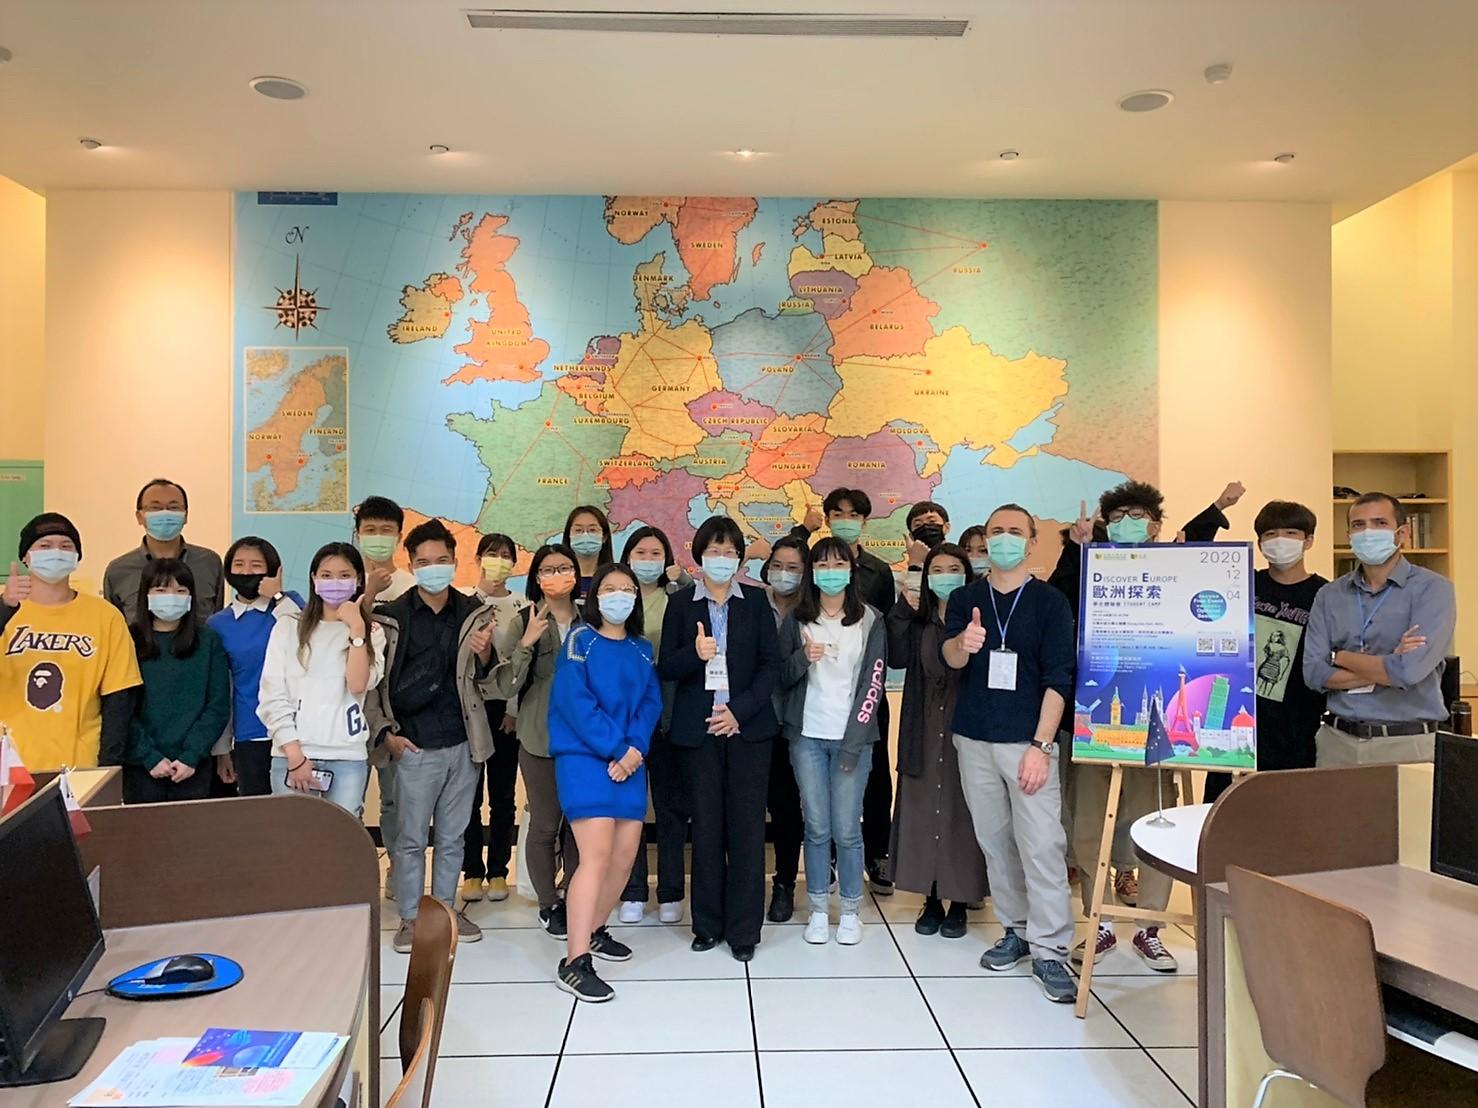 【花絮】2020/12/04 2020 學生體驗營:歐洲探索(2020 Student Camp: Discover Europe)